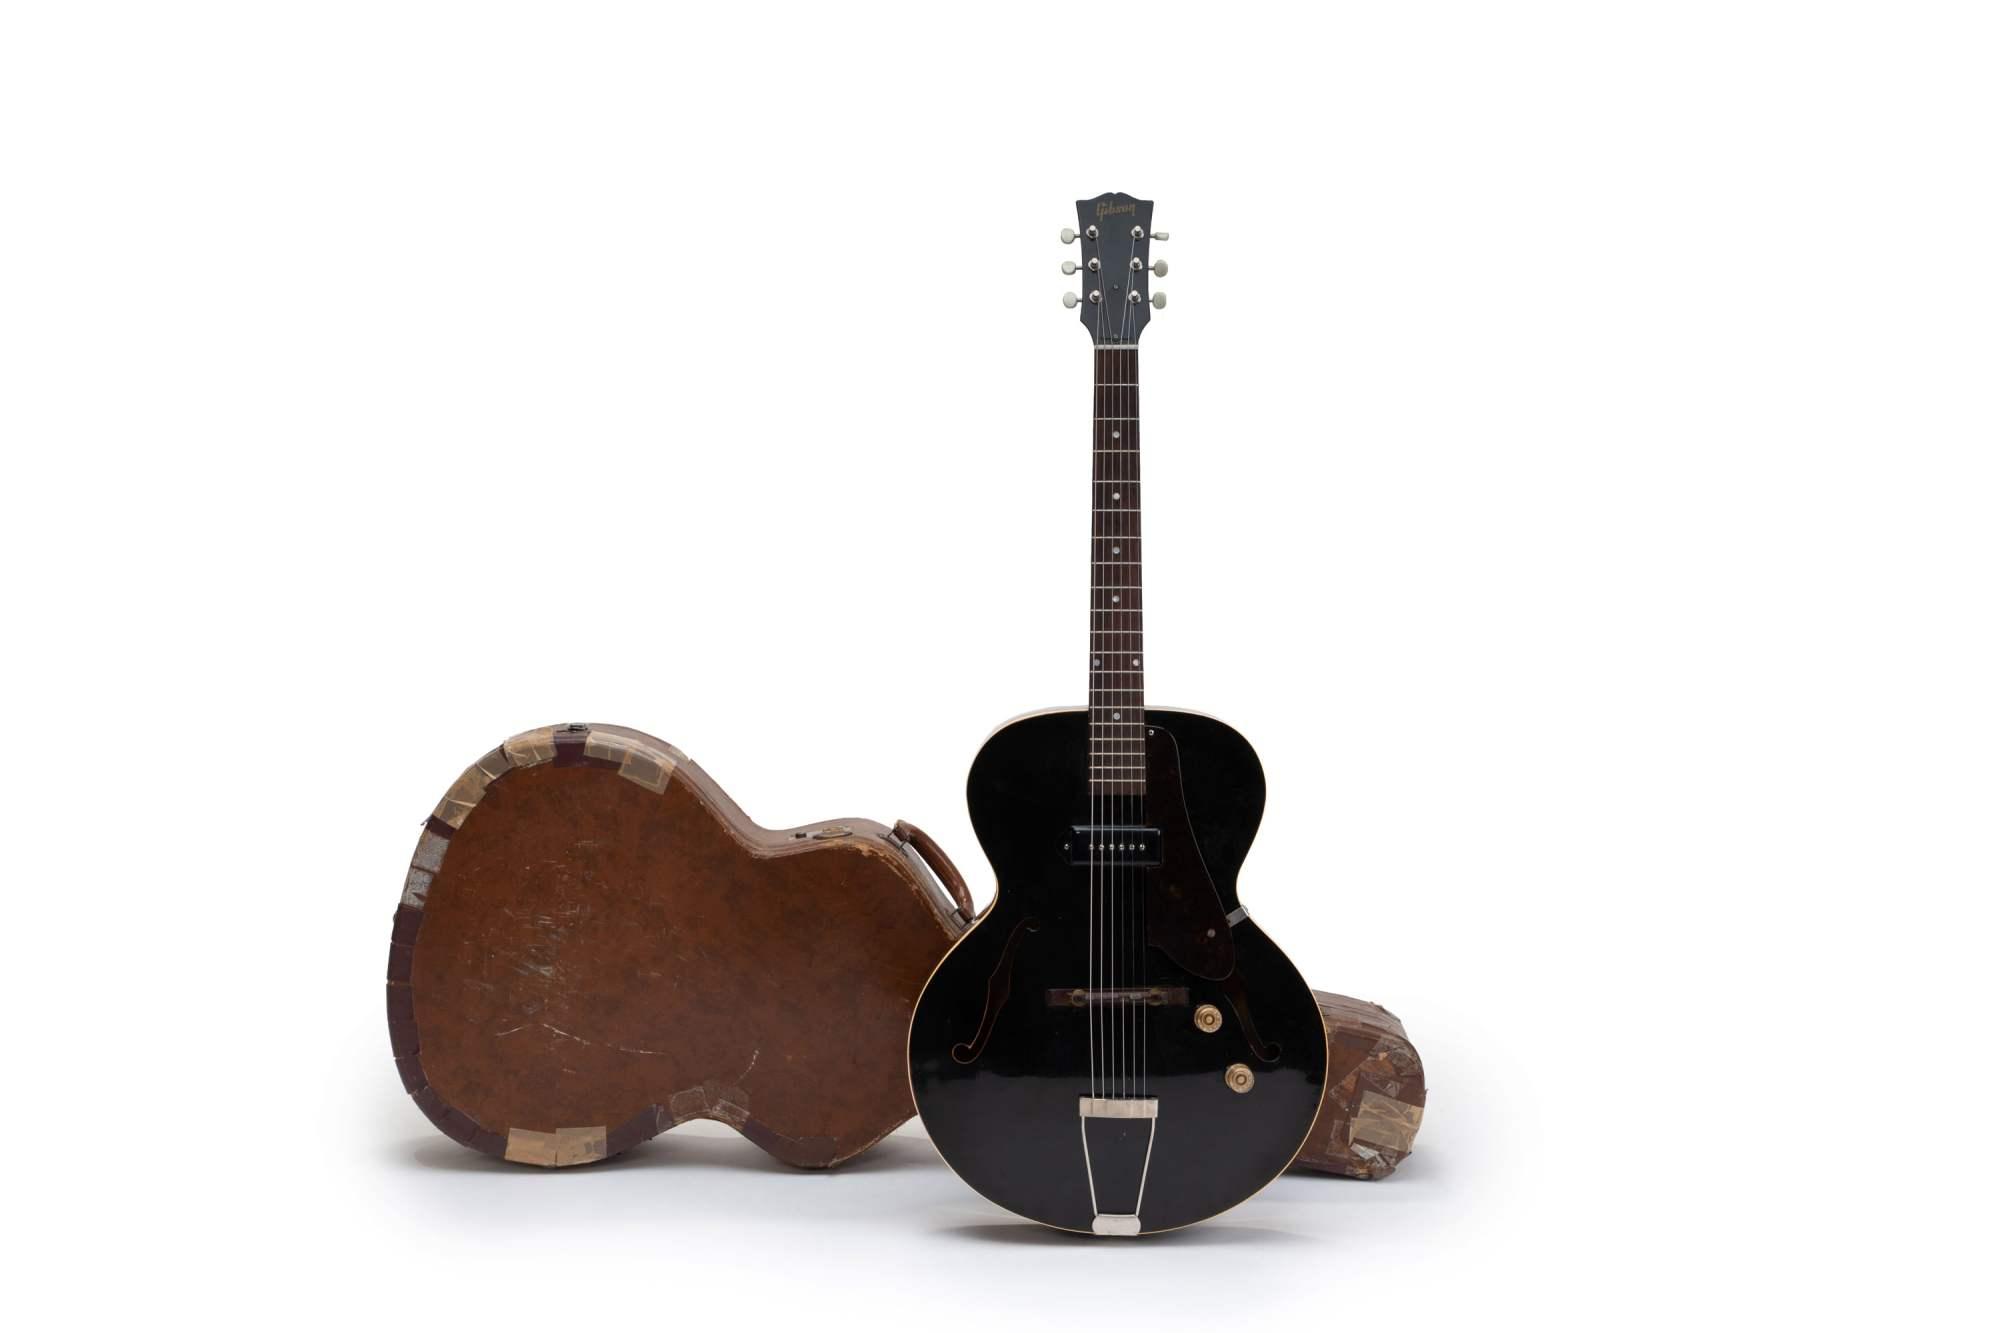 hight resolution of original 1952 gibson es 125 in black finish u2013 guitarhunter dkgibson es 125 wiring